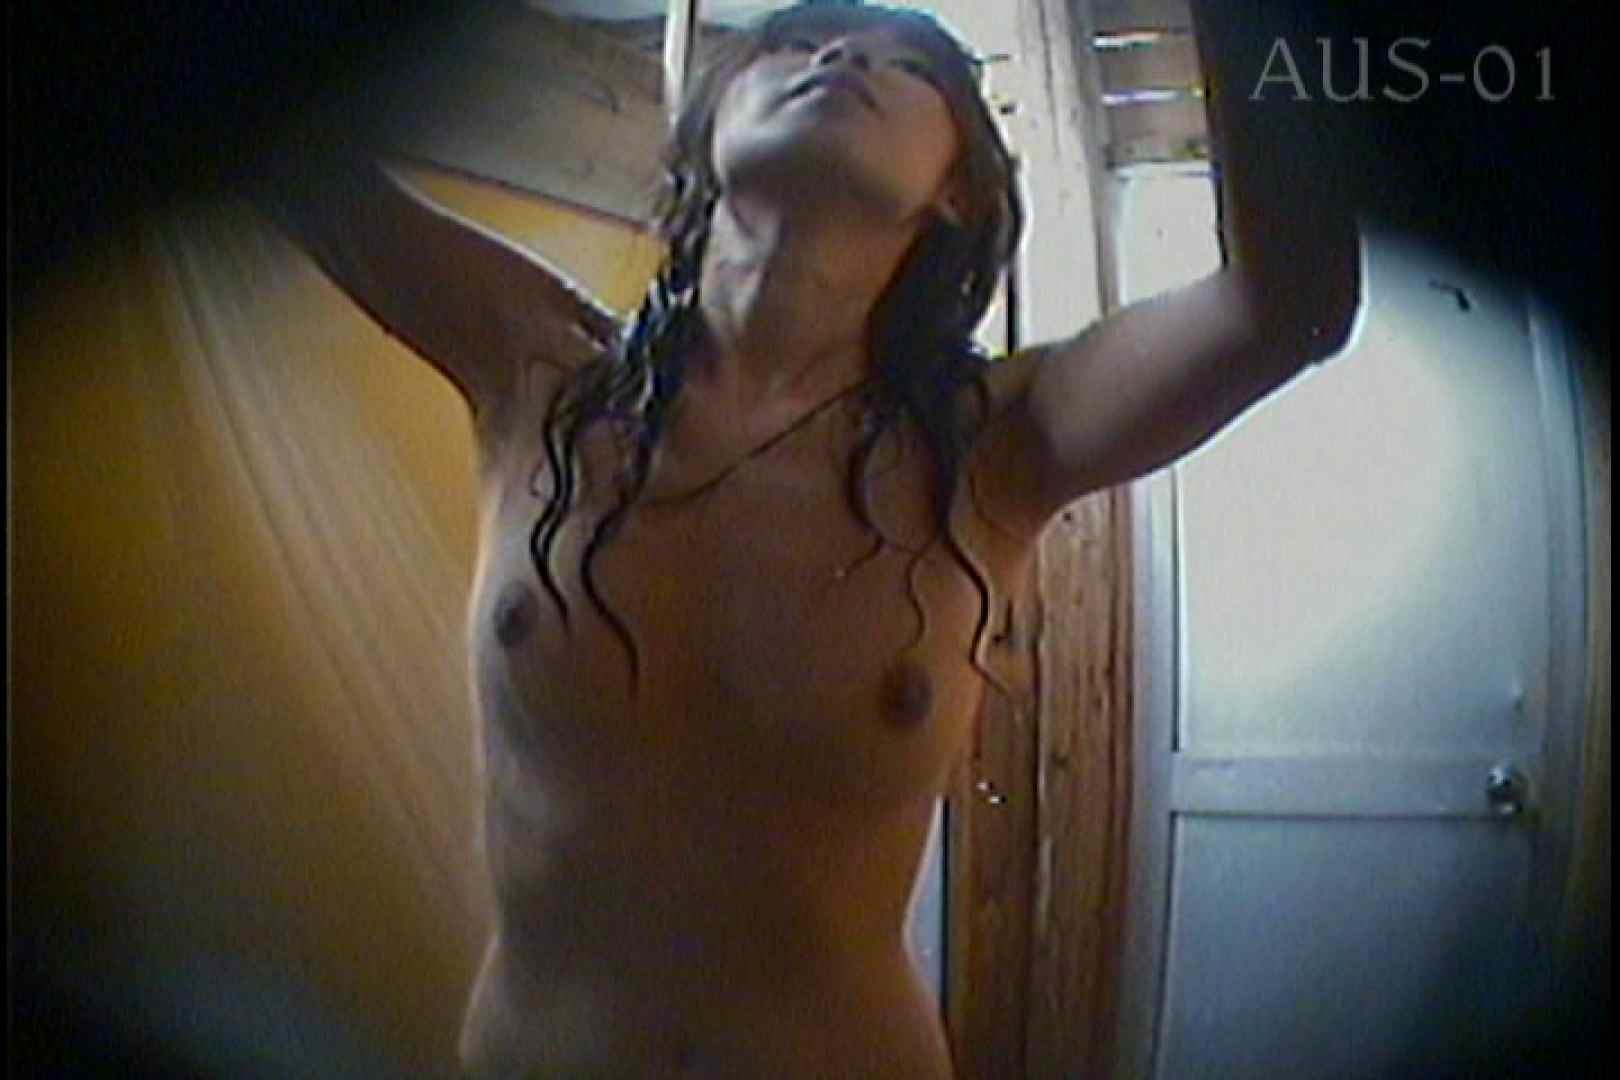 海の家の更衣室 Vol.01 シャワー   HなOL  88pic 37